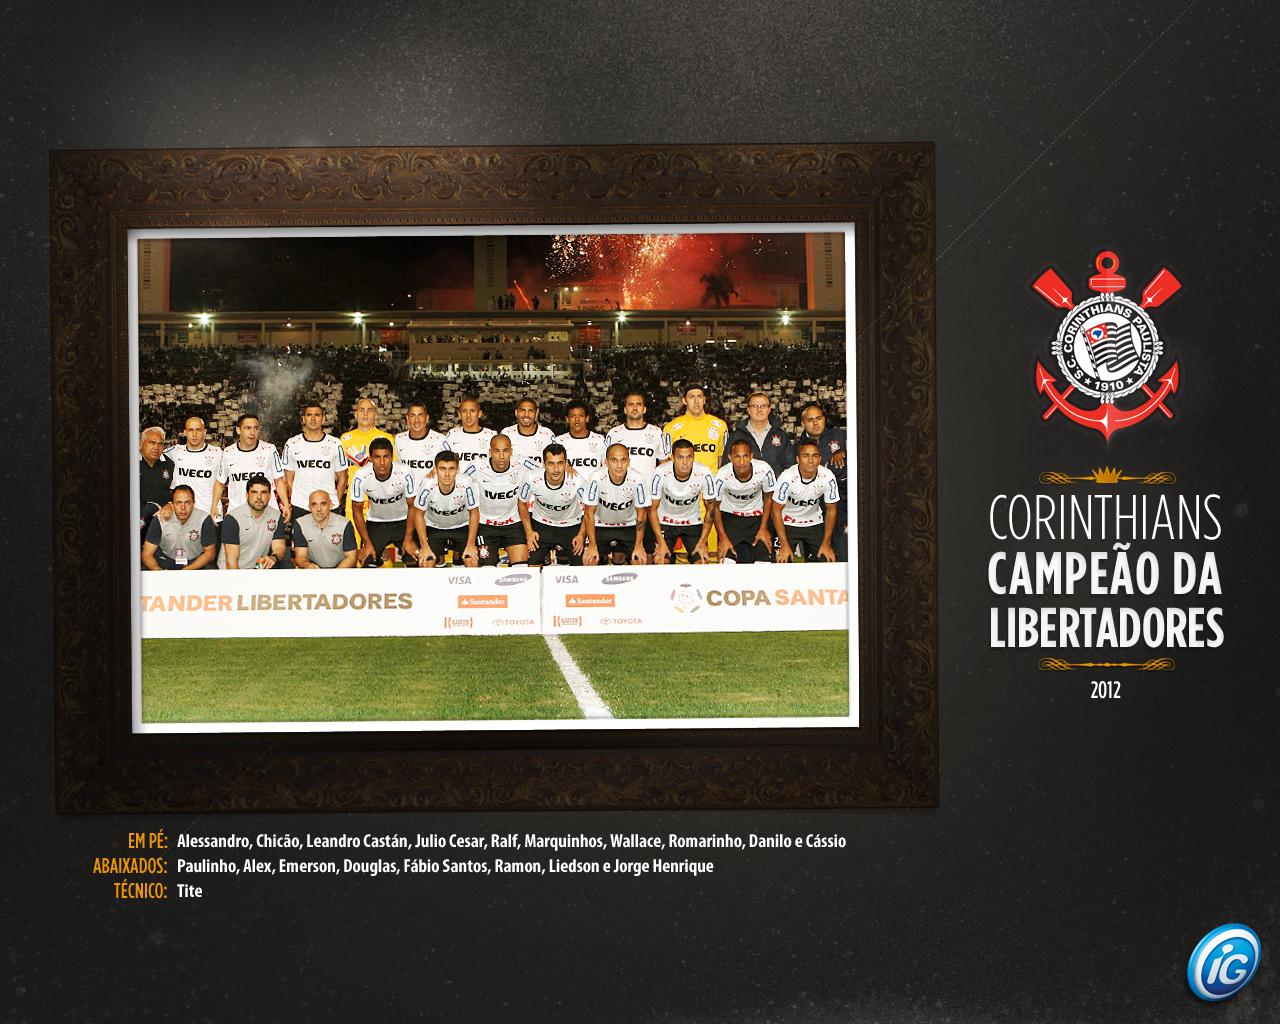 Wallpaper Corinthians Campeão da Libertadores 2012 - 10